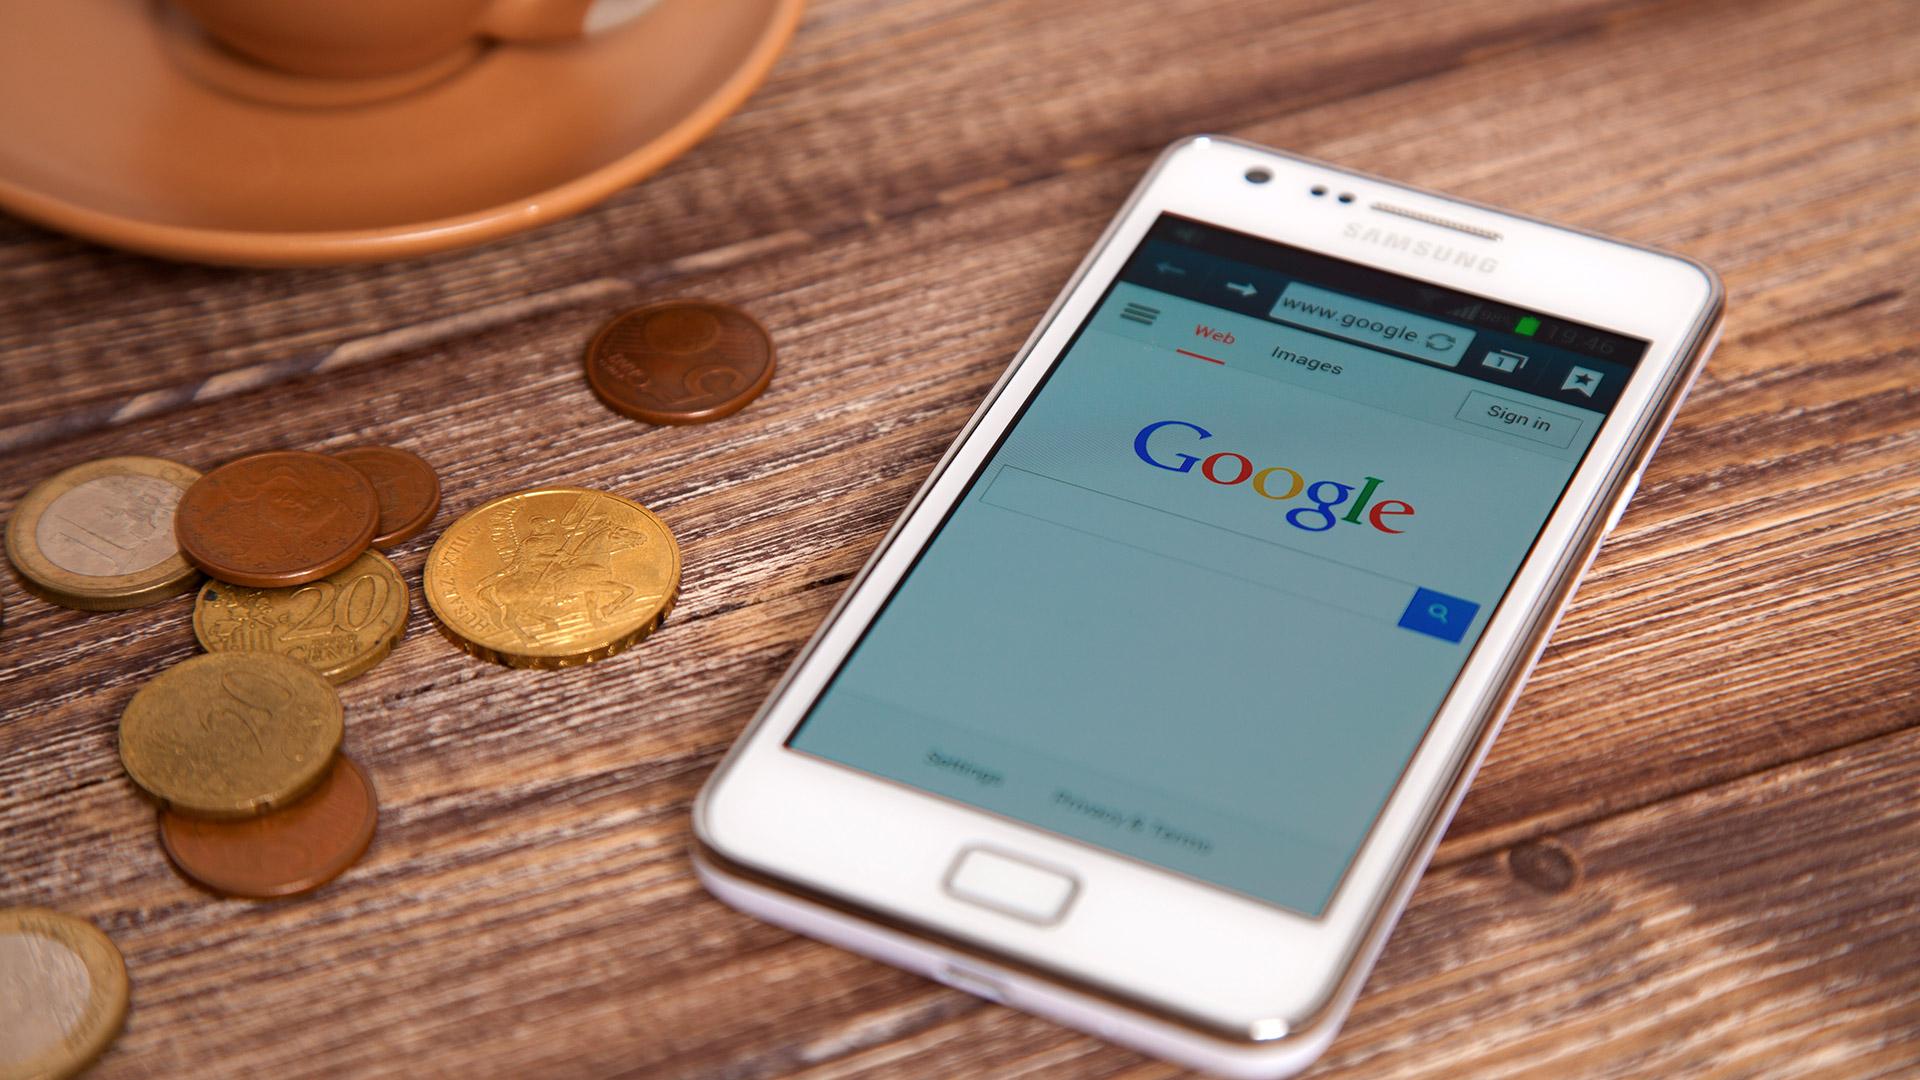 Tìm kiếm là hoạt động chính của người dùng smartphone